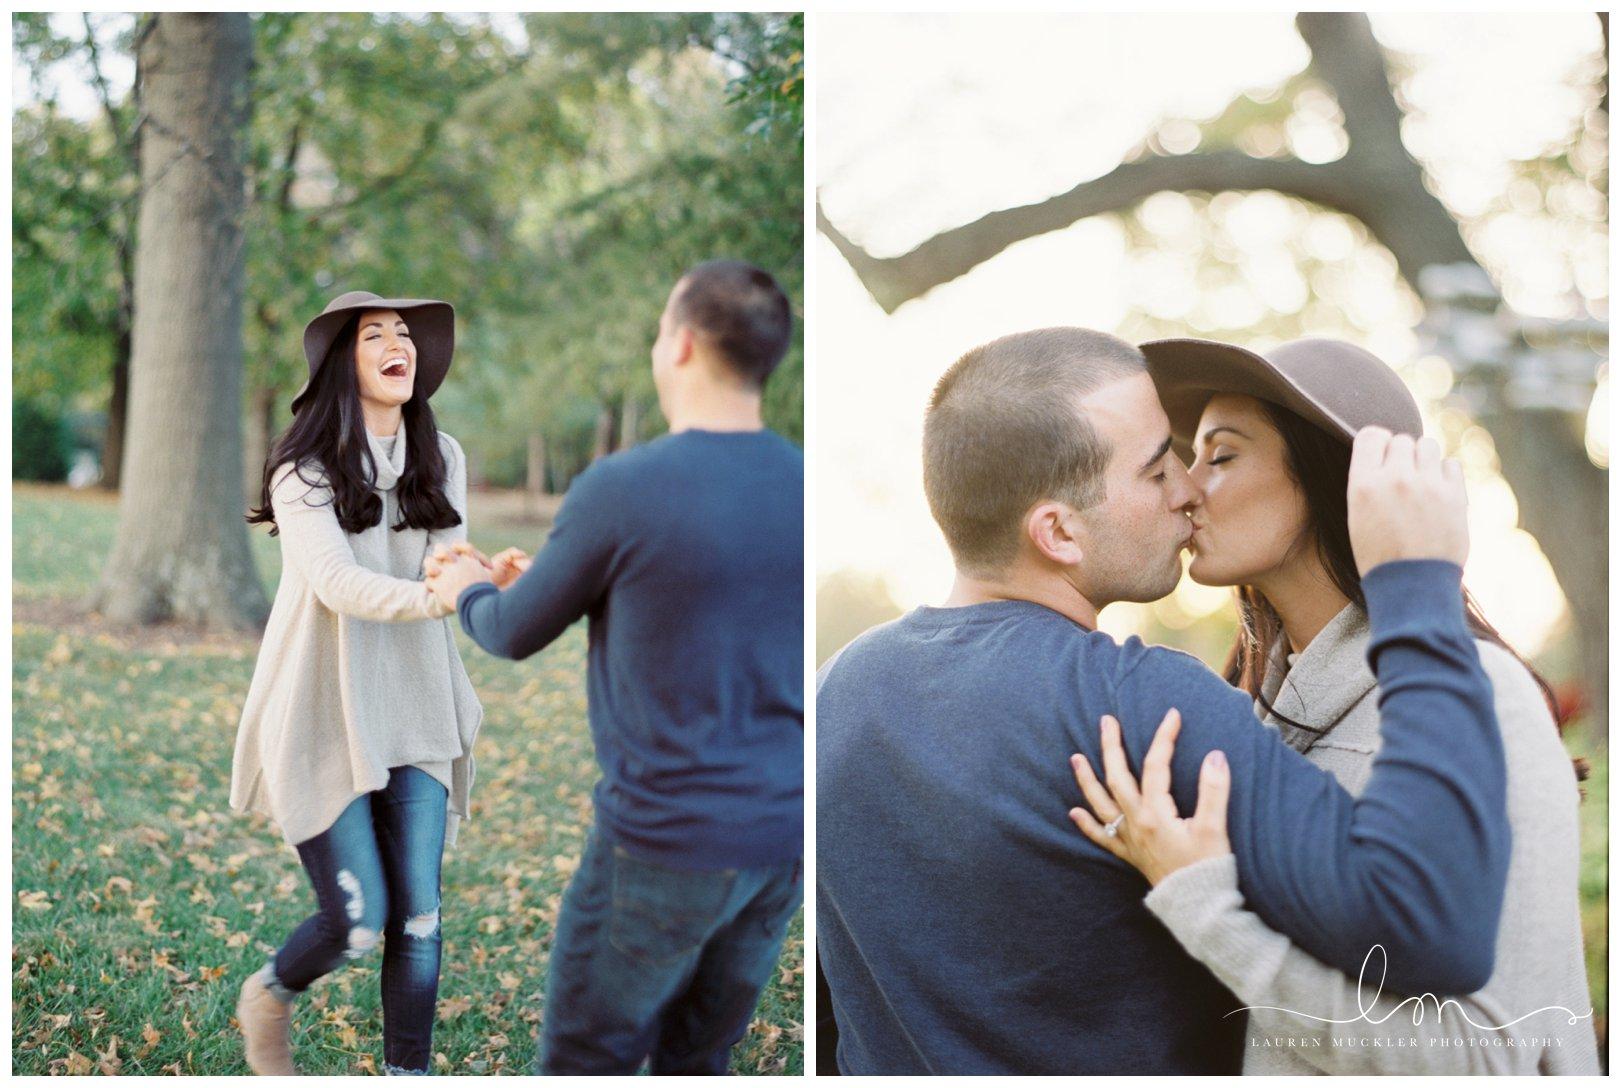 lauren muckler photography_fine art film wedding photography_st louis_photography_0742.jpg